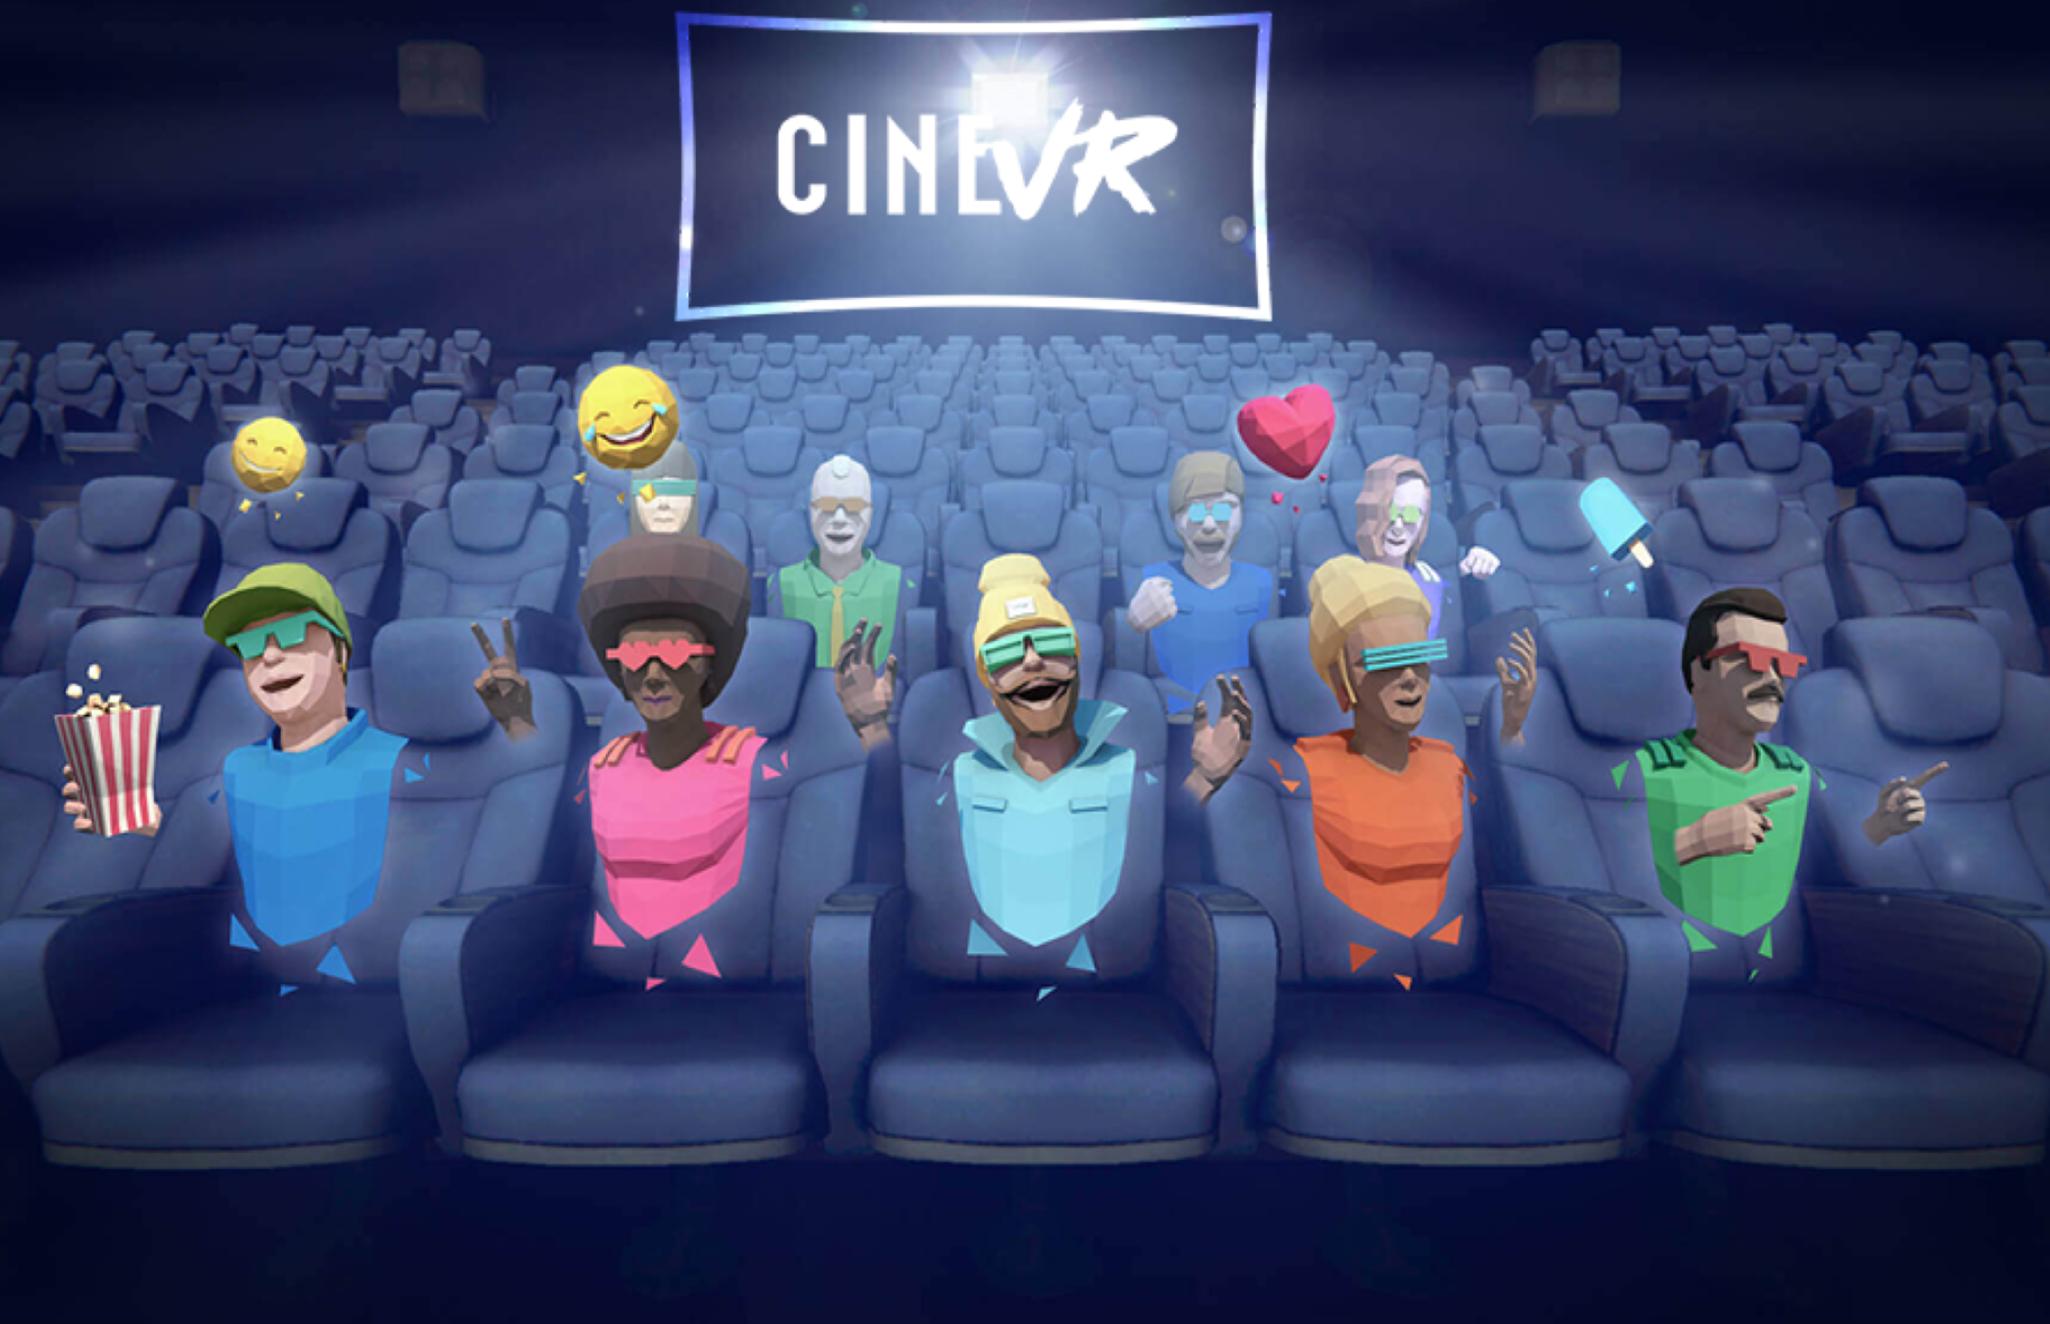 Trois expériences distribuées par Lucid Realities désormais disponibles sur l'application CineVR.